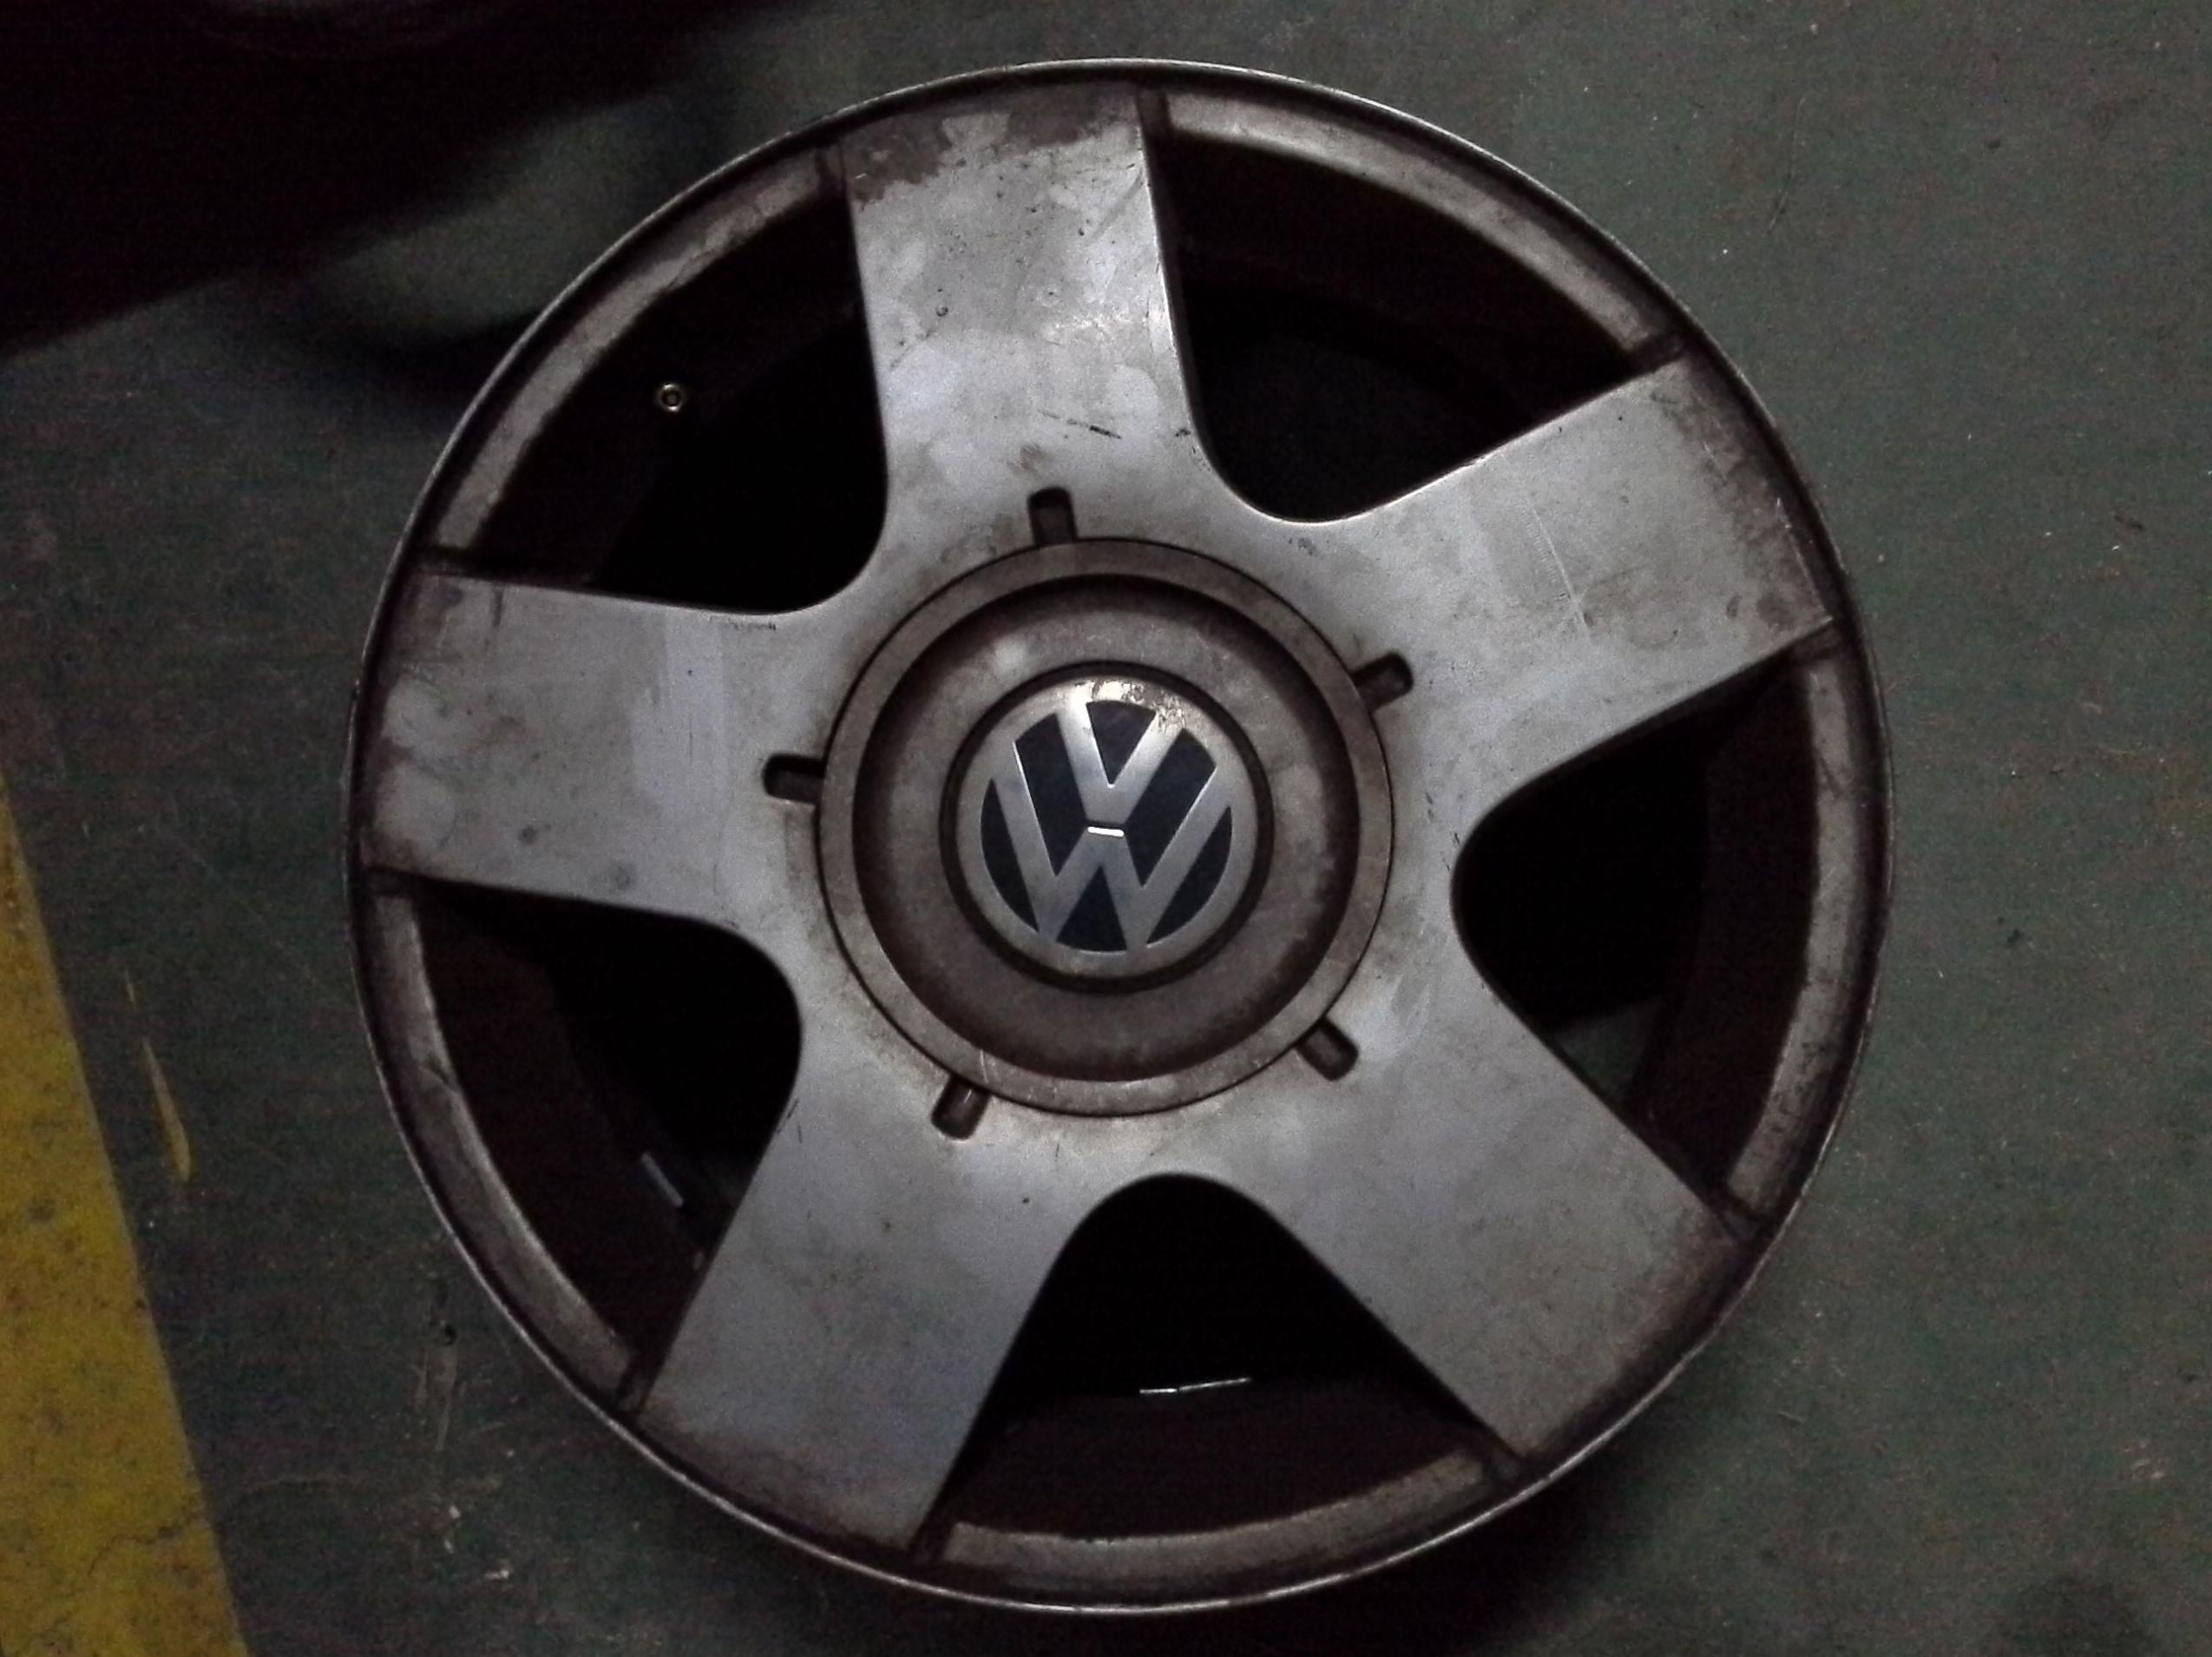 Llantas de aluminio de volkswagen en R-15 de 5 tornillos en Desguaces Clemente de Albacete